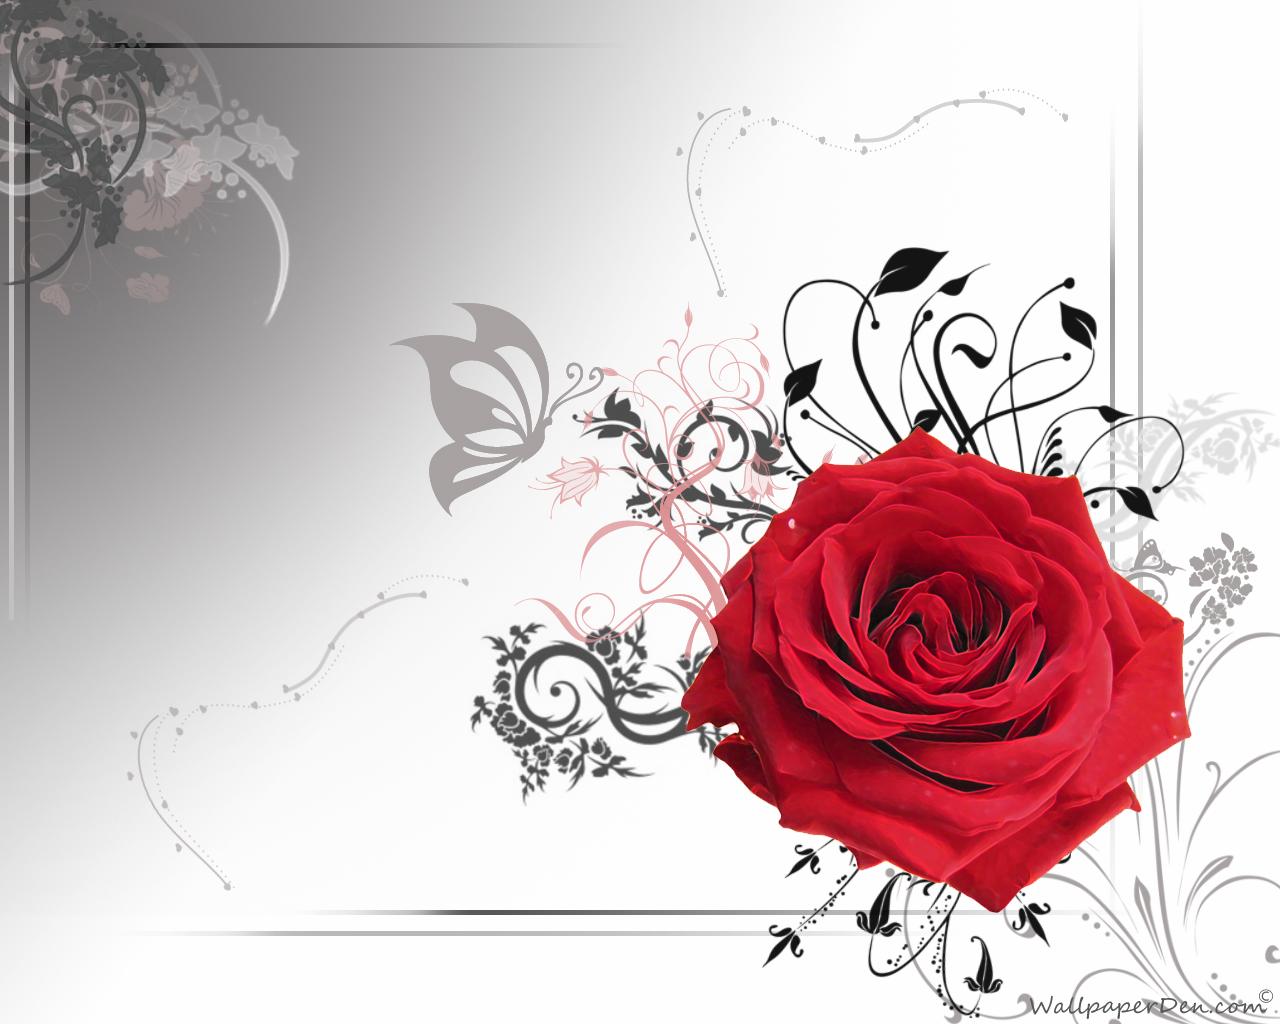 Red rose wallpaper free download 18 hd wallpaper hdflowerwallpaper red rose wallpaper free download hd wallpaper mightylinksfo